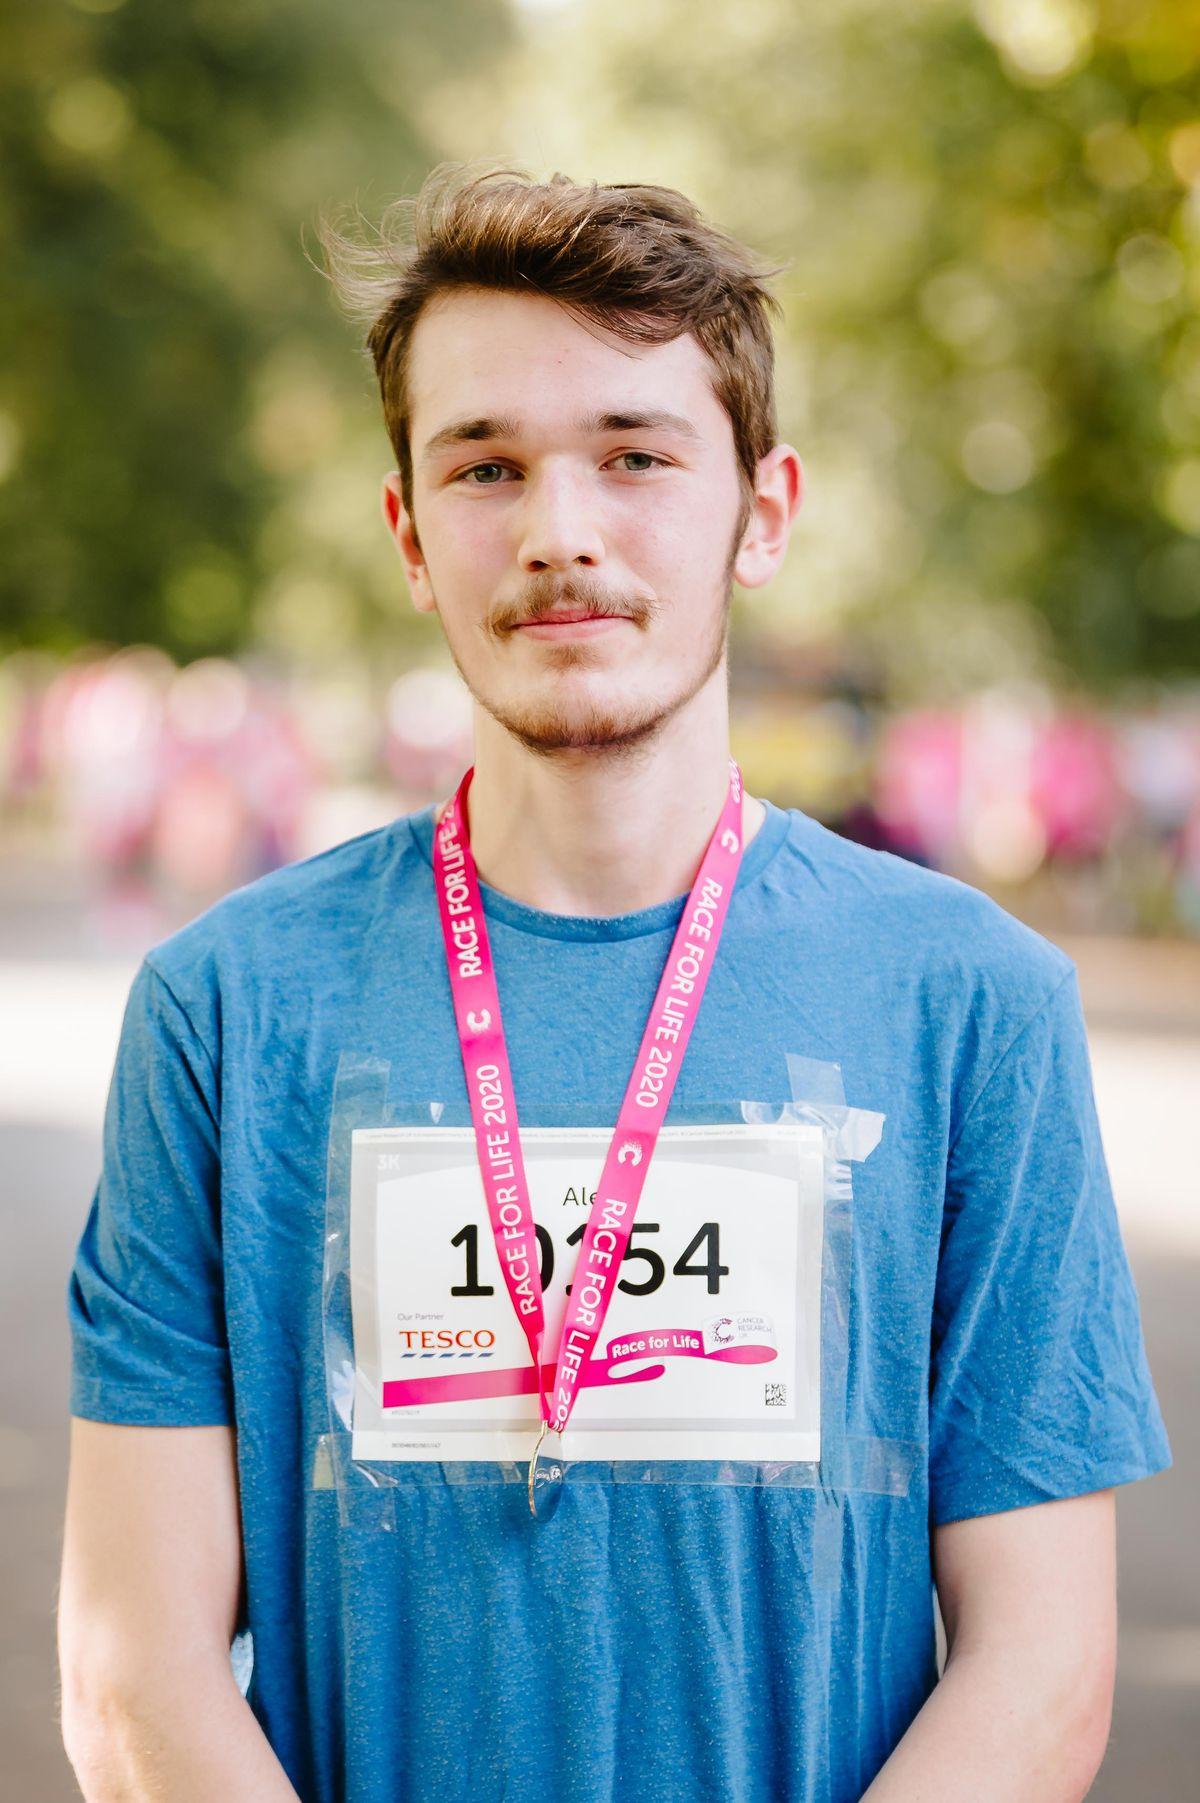 Alex Fletcher from Halesowen came first in the 3k run